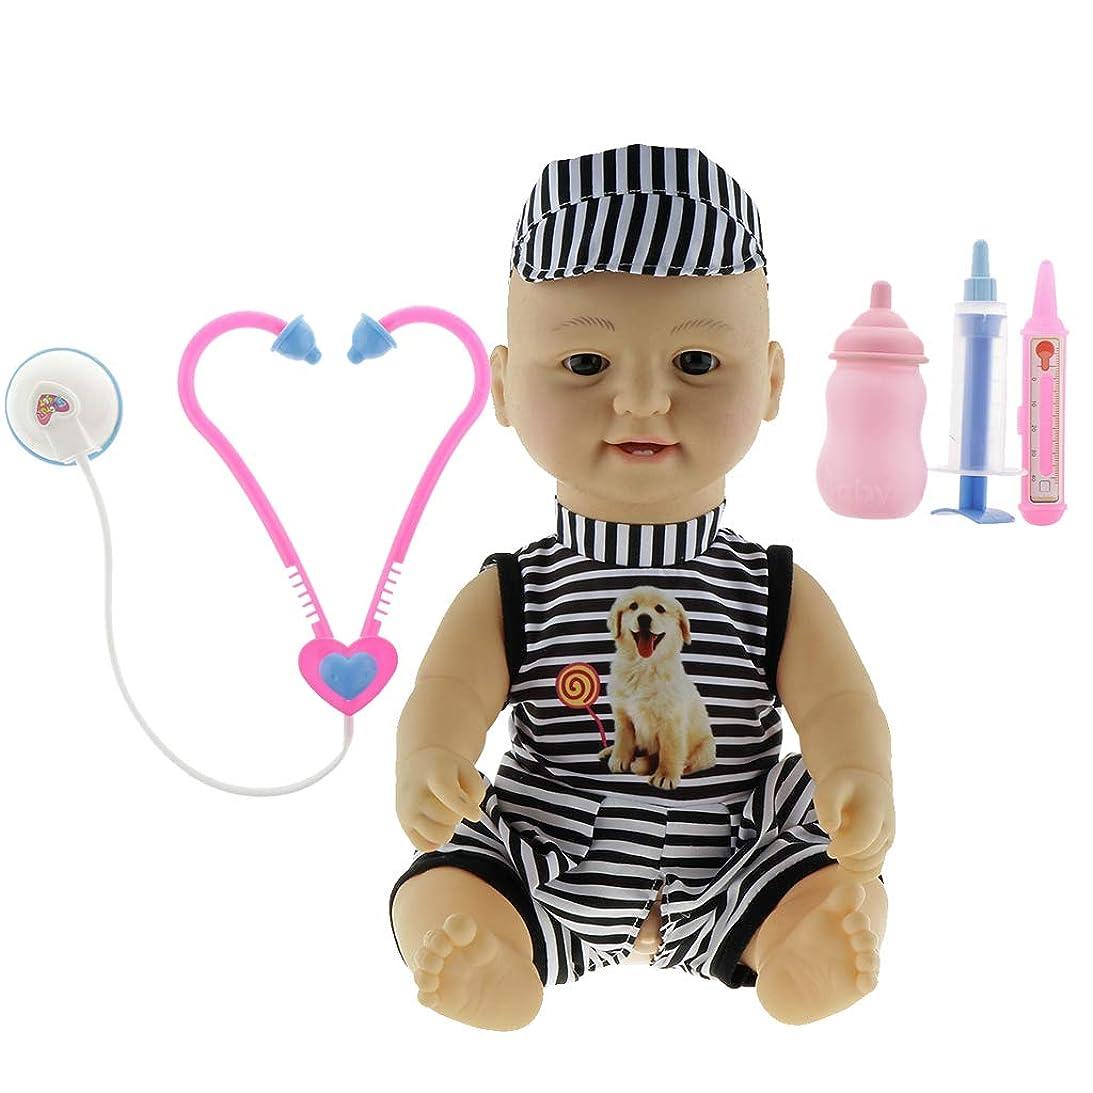 ゴムディレイ言語学リアル 子どもプレーセット 42cmの新生児男の子人形 お医者さん ごっこ遊び玩具